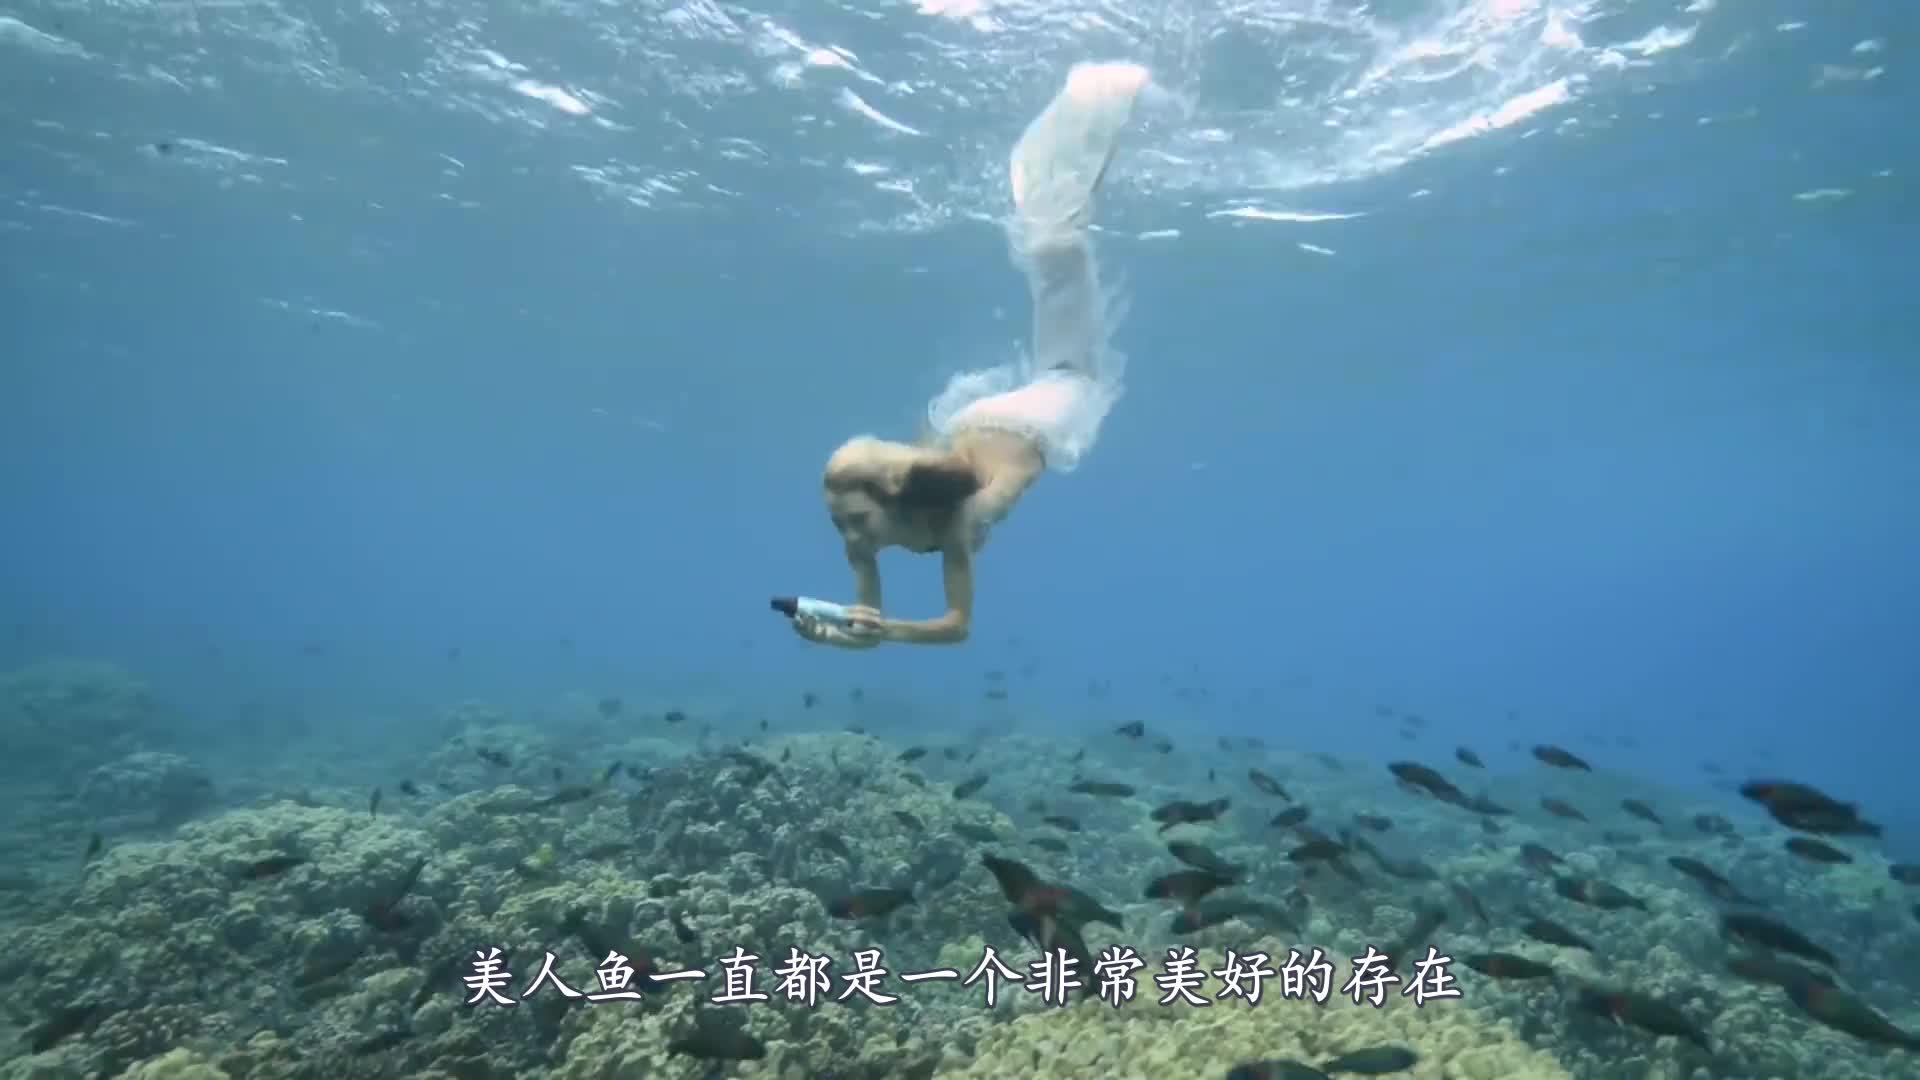 夏威夷美人鱼洞真的有美人鱼吗?小伙一探究竟,结果傻眼了!